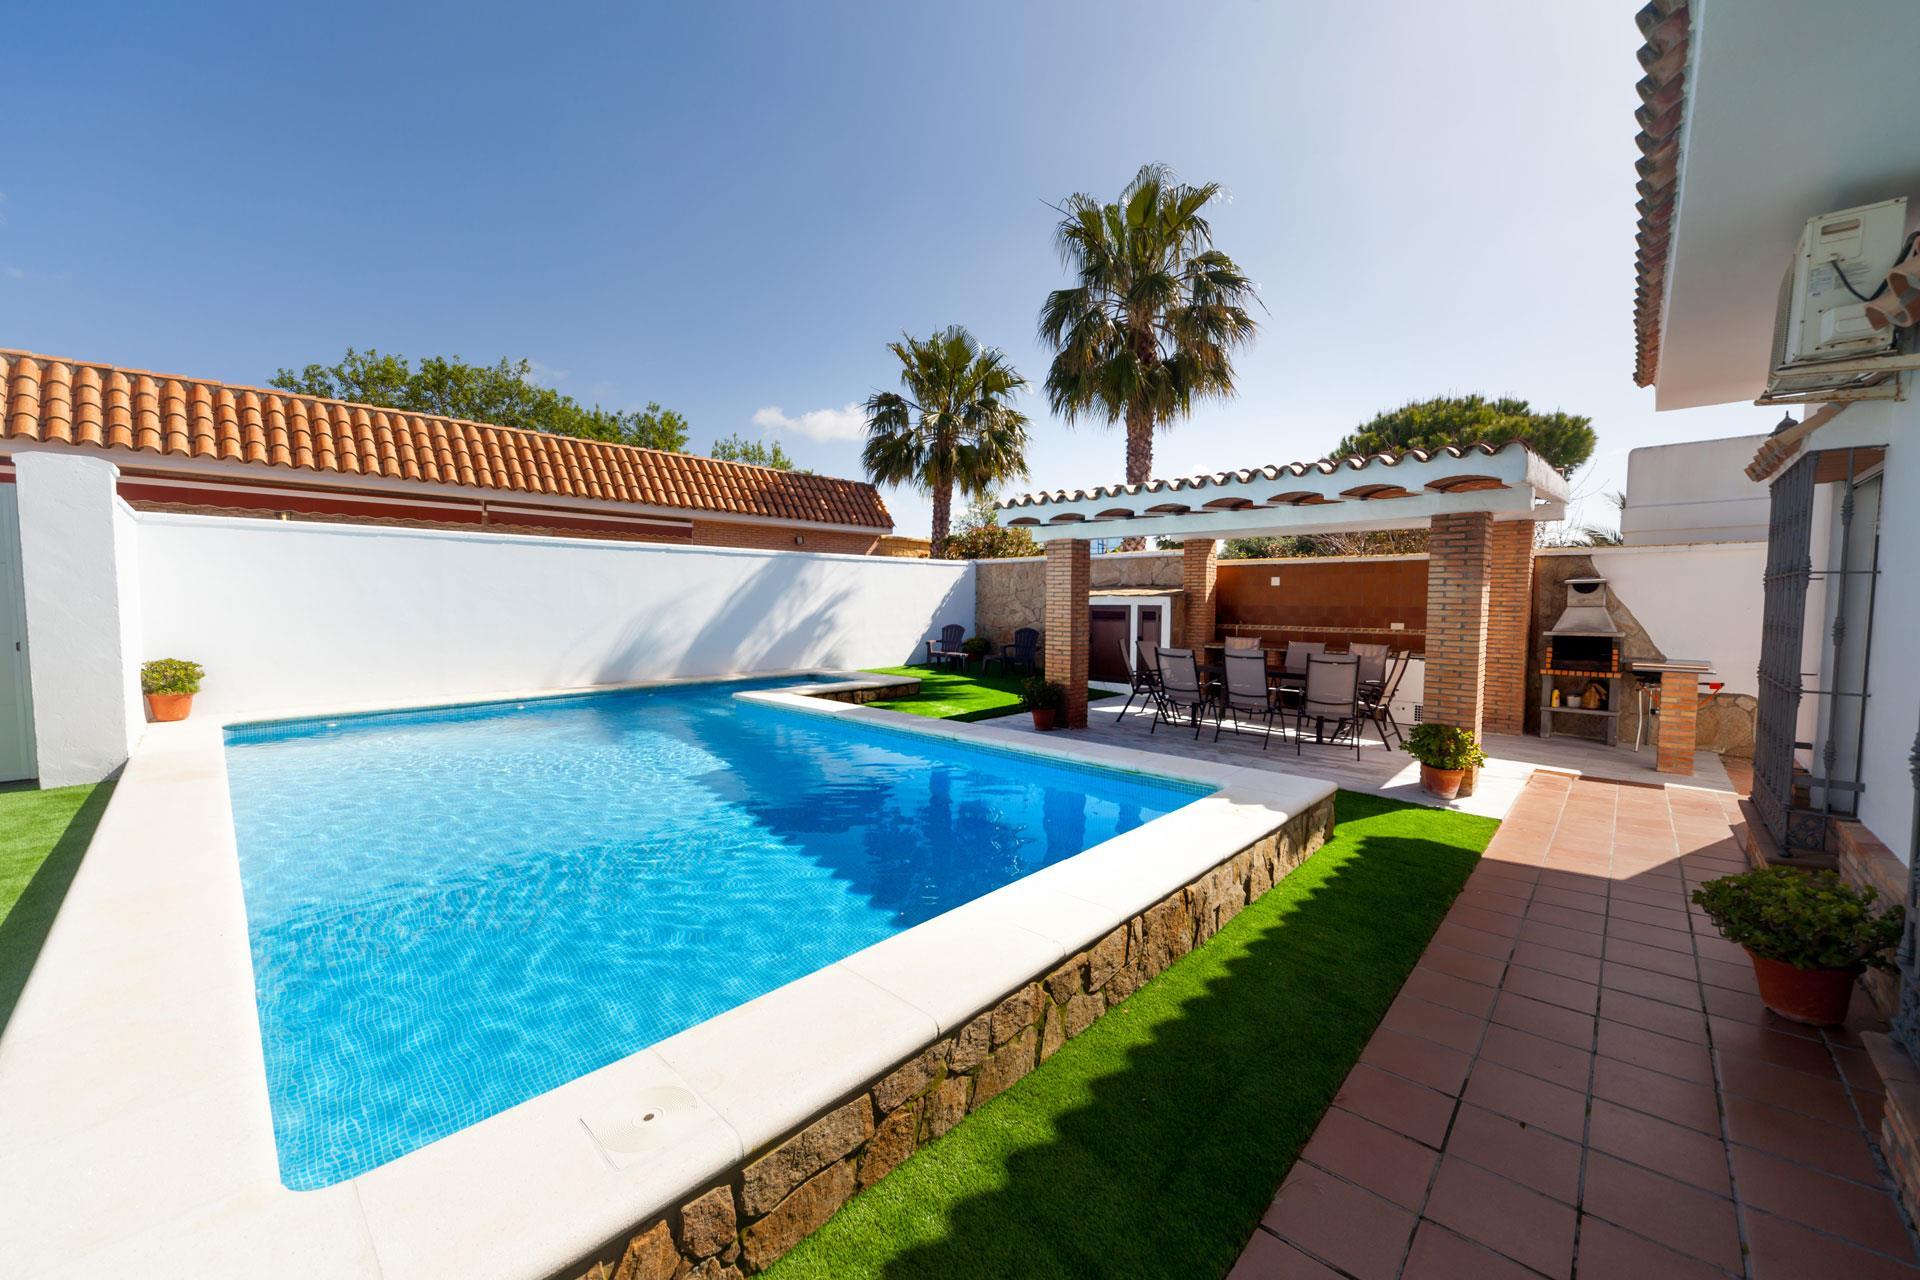 El Molino,Villa comfortable  avec piscine privée à Chiclana de la Frontera, Andalousie, Espagne pour 10 personnes.....